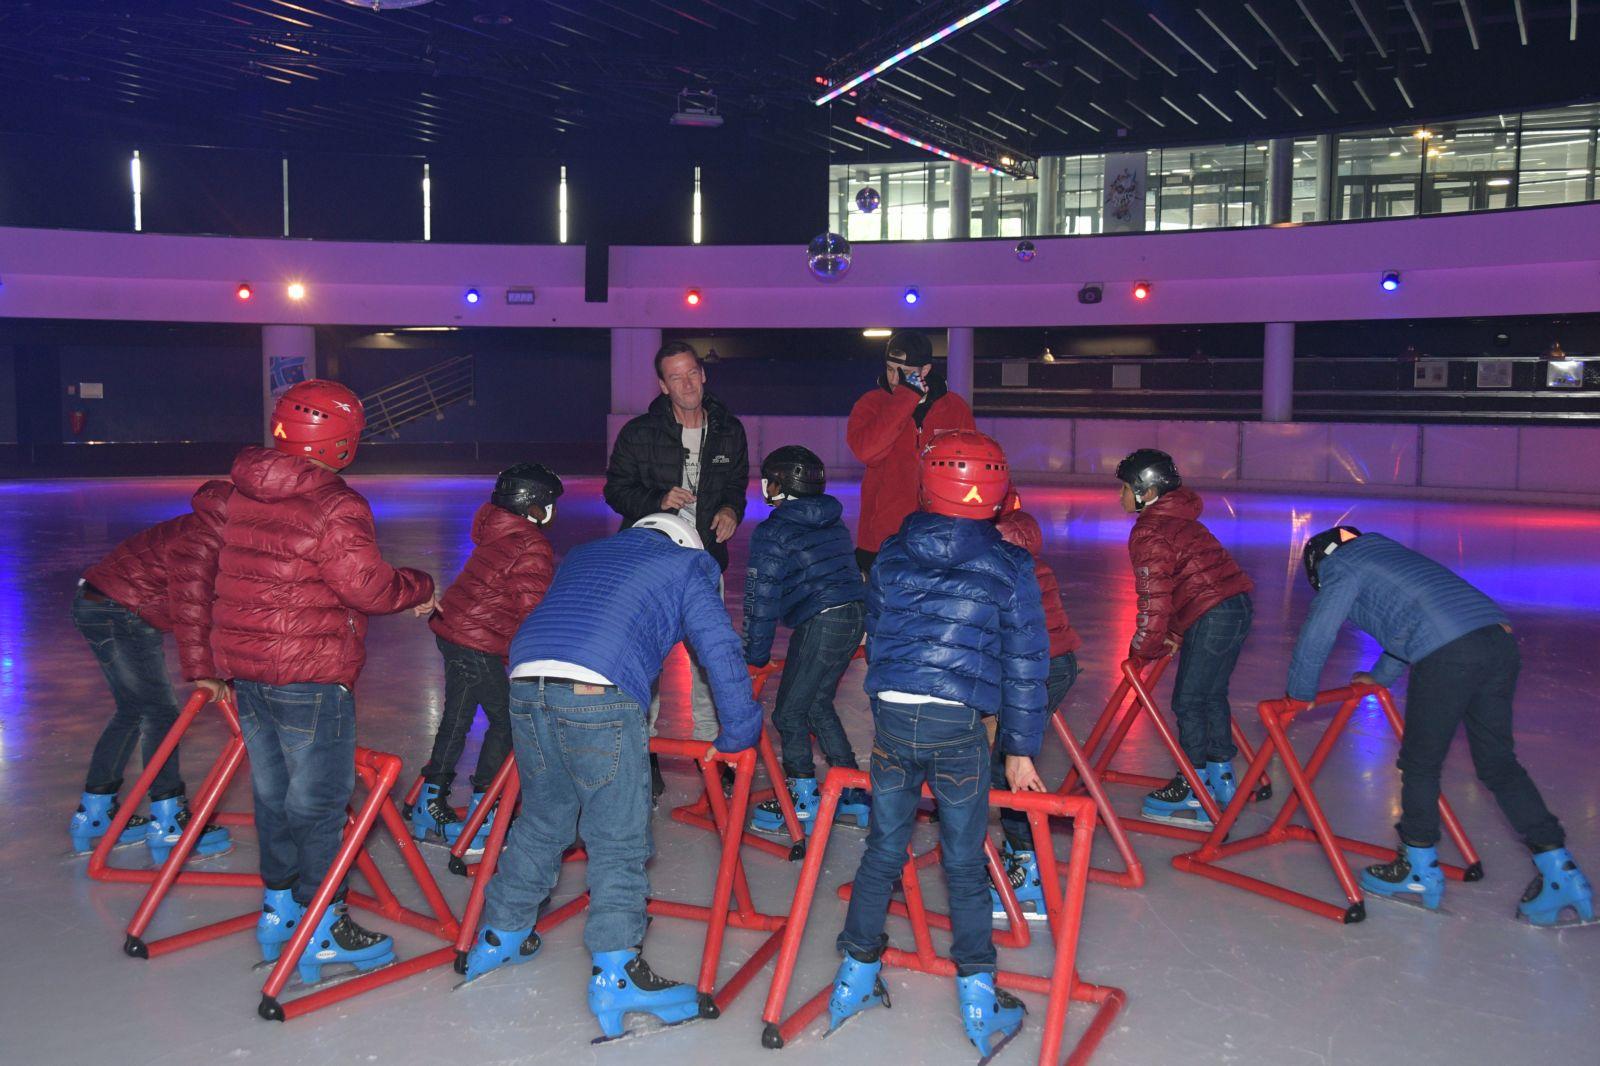 """<center>Jour 11 : """"S'envoler vers le Rêve  ...""""<br>Les enfants ont troqué leurs crampons<br> pour des patins à glace à la patinoire du Palais Omnisports Marseille Grand-Est"""